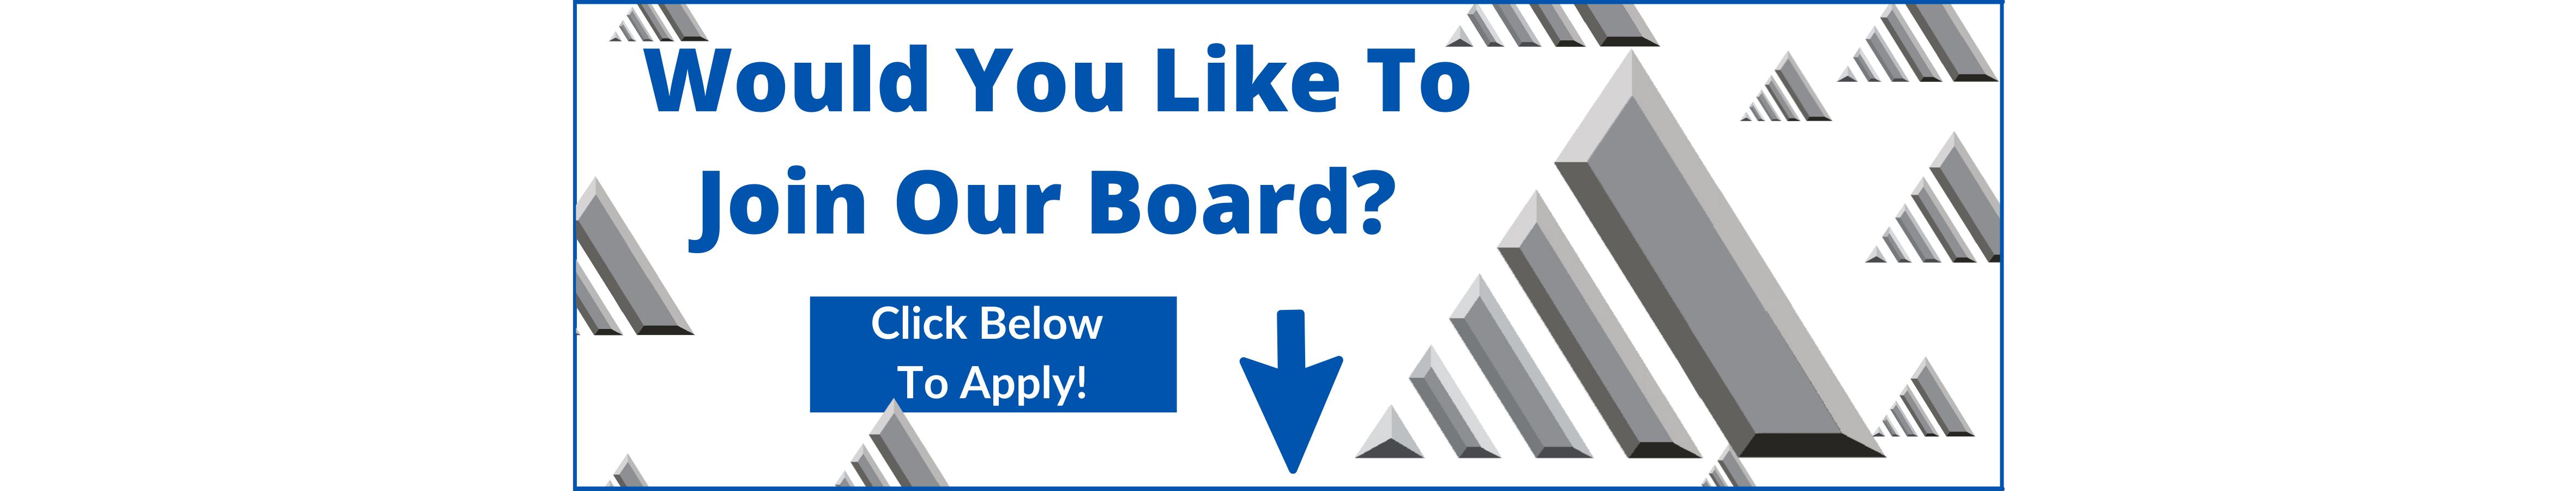 Board_App6